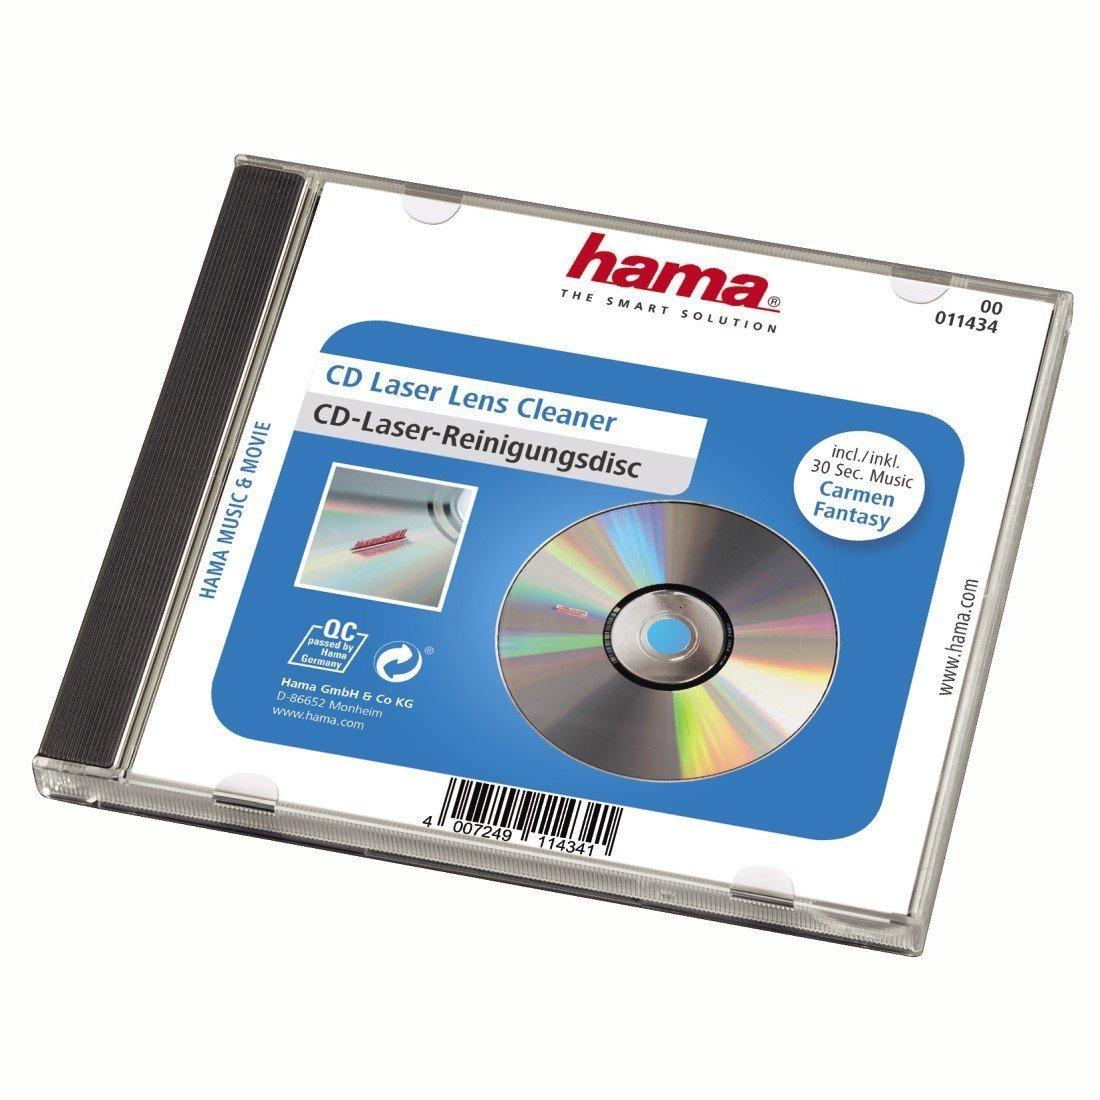 Hama Laser Reinigungs-CD